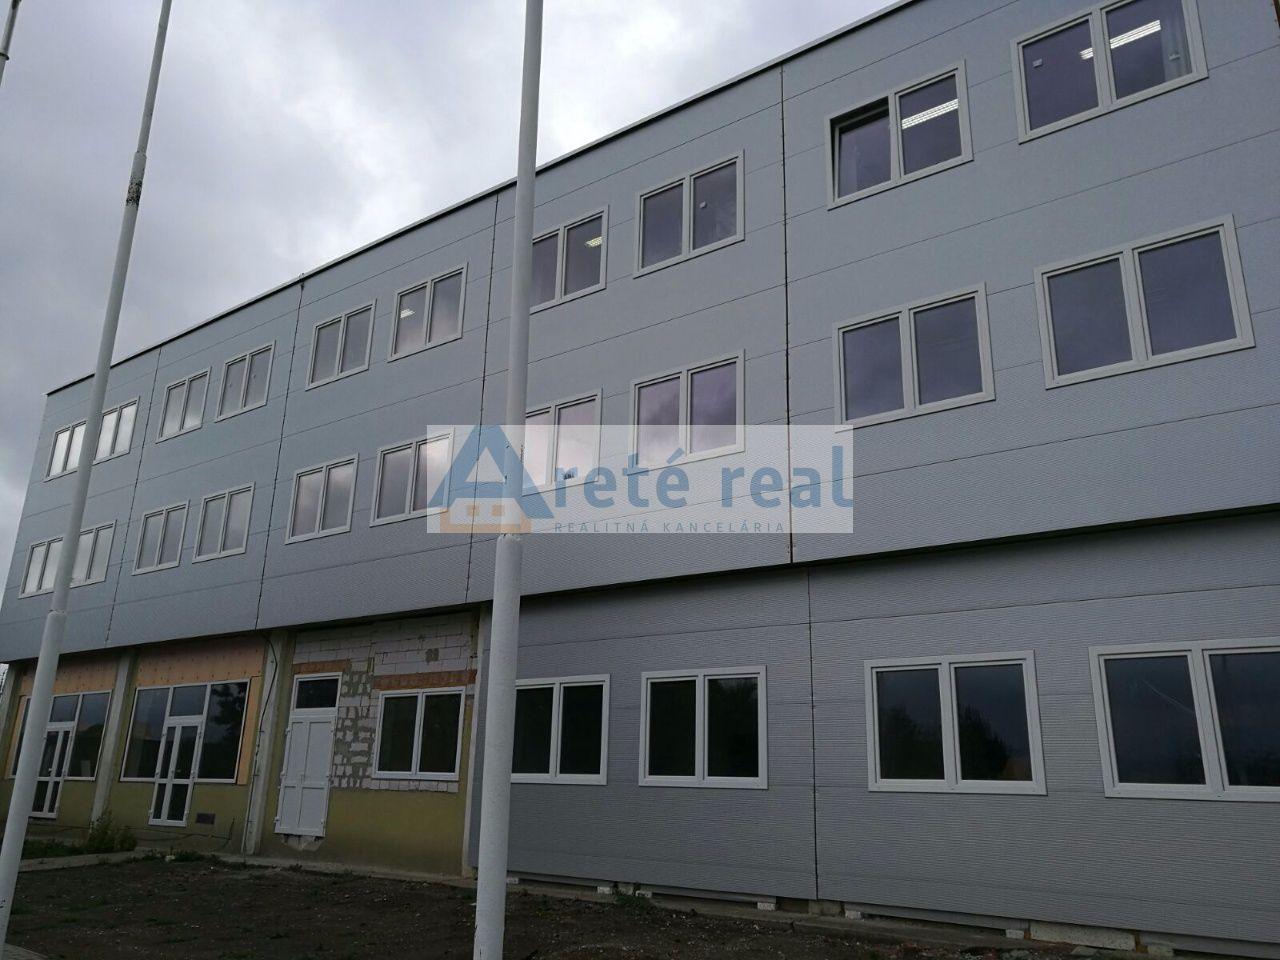 Areté real, Prenájom priestorov v priemyselnej zóne s výbornou dostupnosťou a vlastným parkovaním v Pezinku